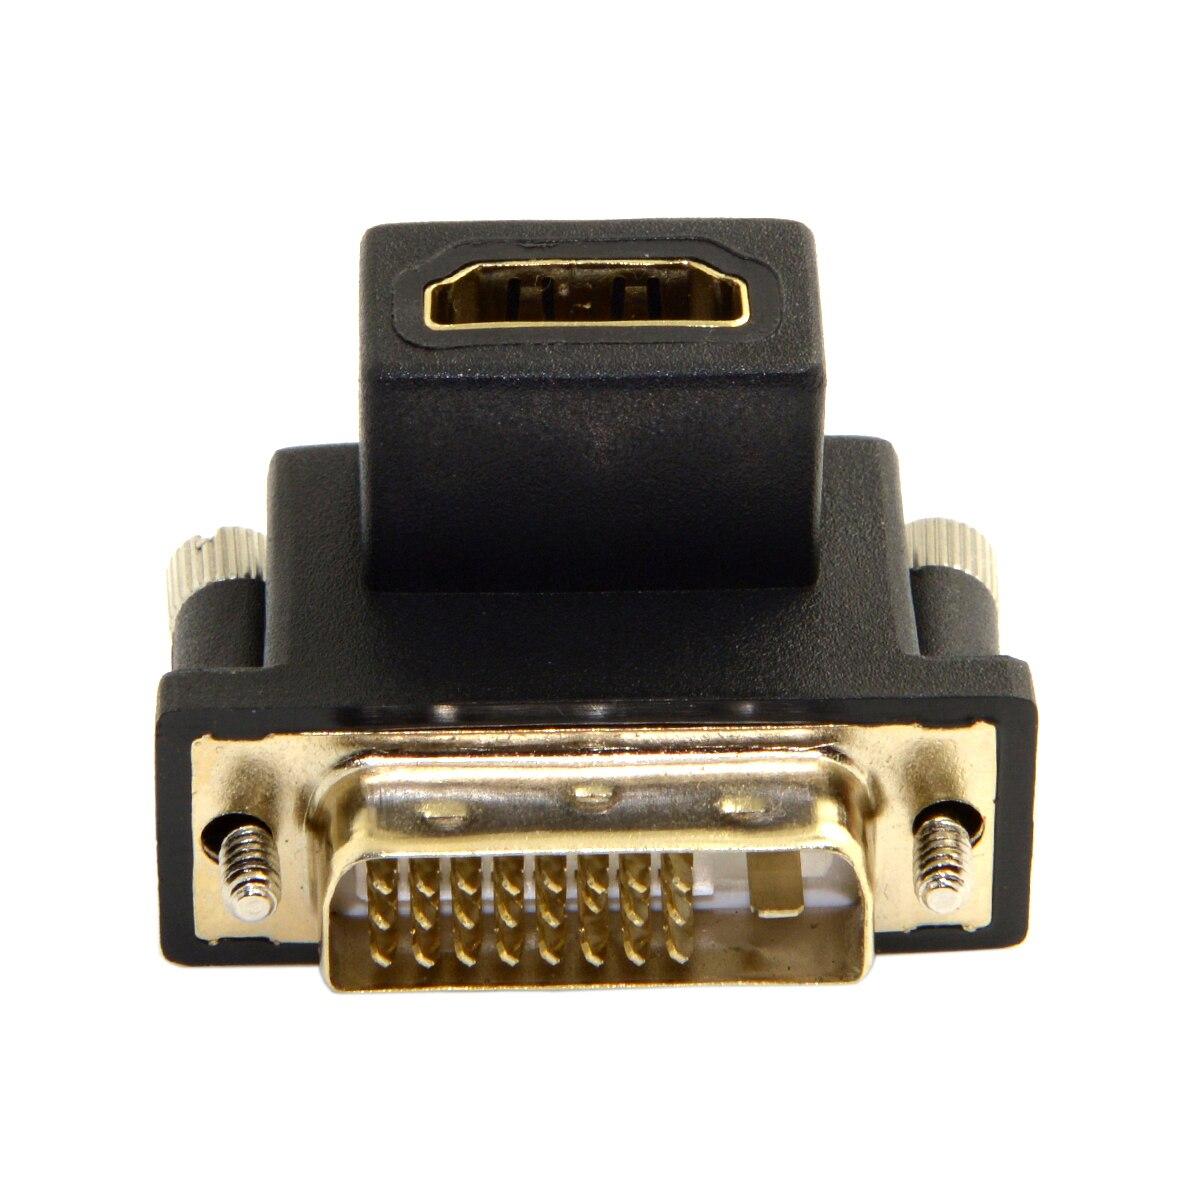 10 unids/lote-Cable CY 90 grados abajo ángulo DVI macho a HDMI hembra adaptador giratorio para ordenador y HDTV y tarjeta gráfica